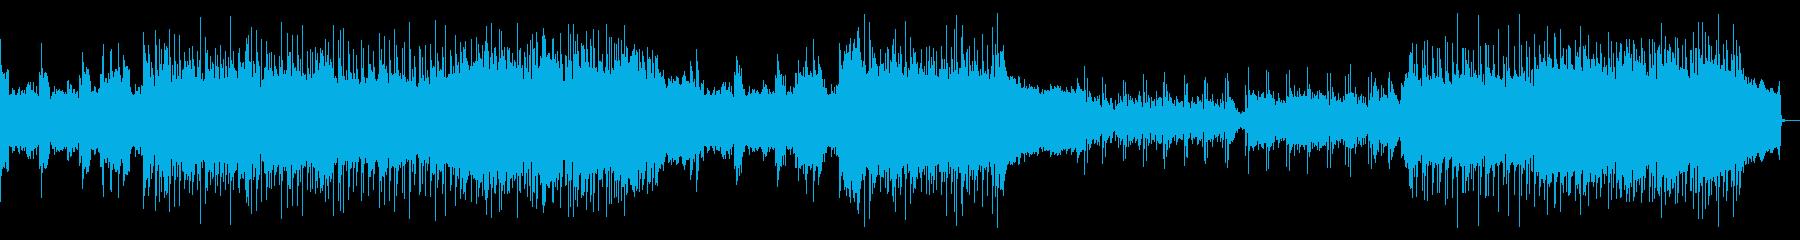 往年のハードロック、メタルの再生済みの波形